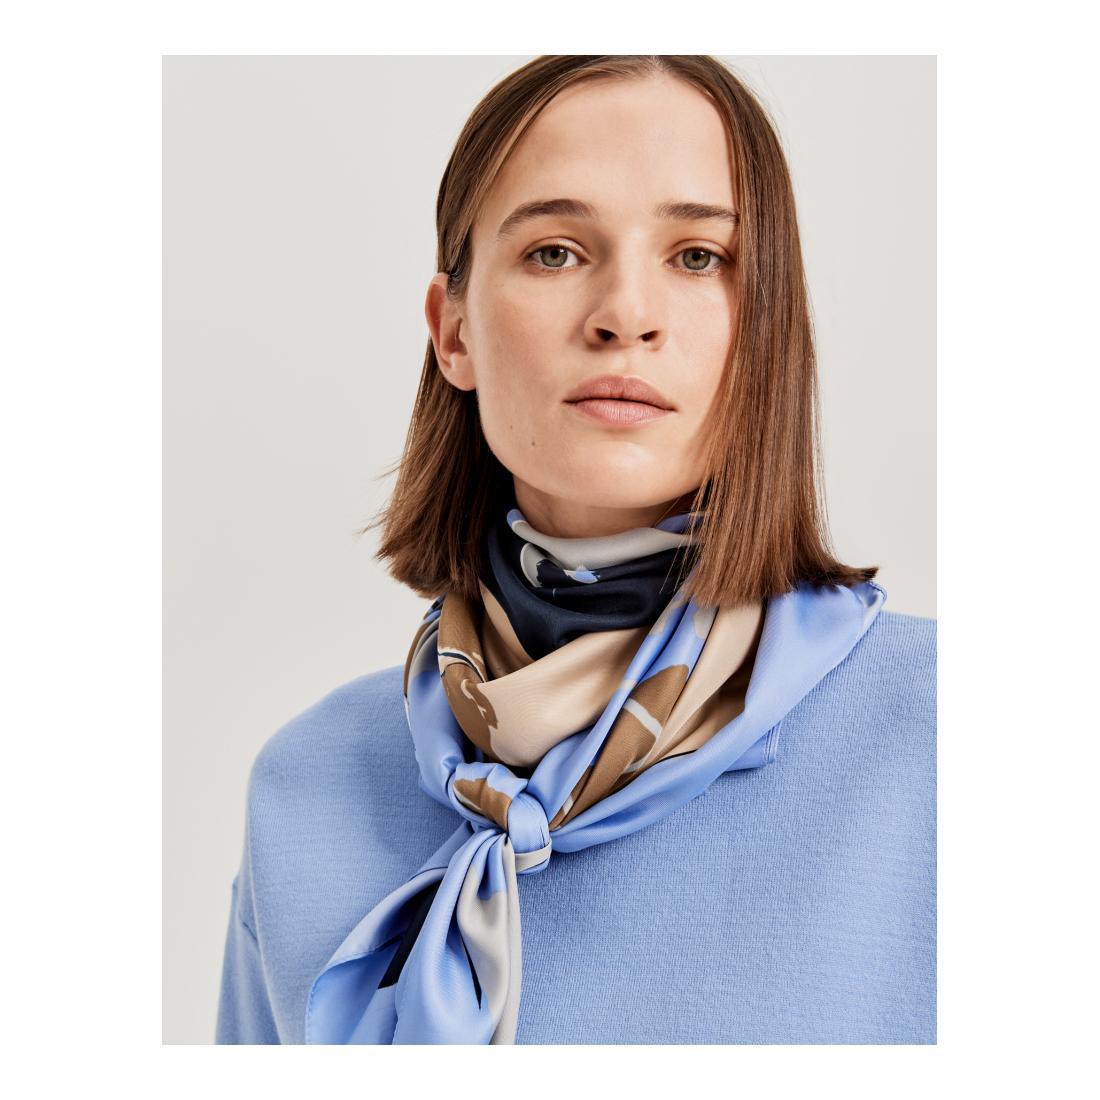 Opus Schal Acanvas scarf